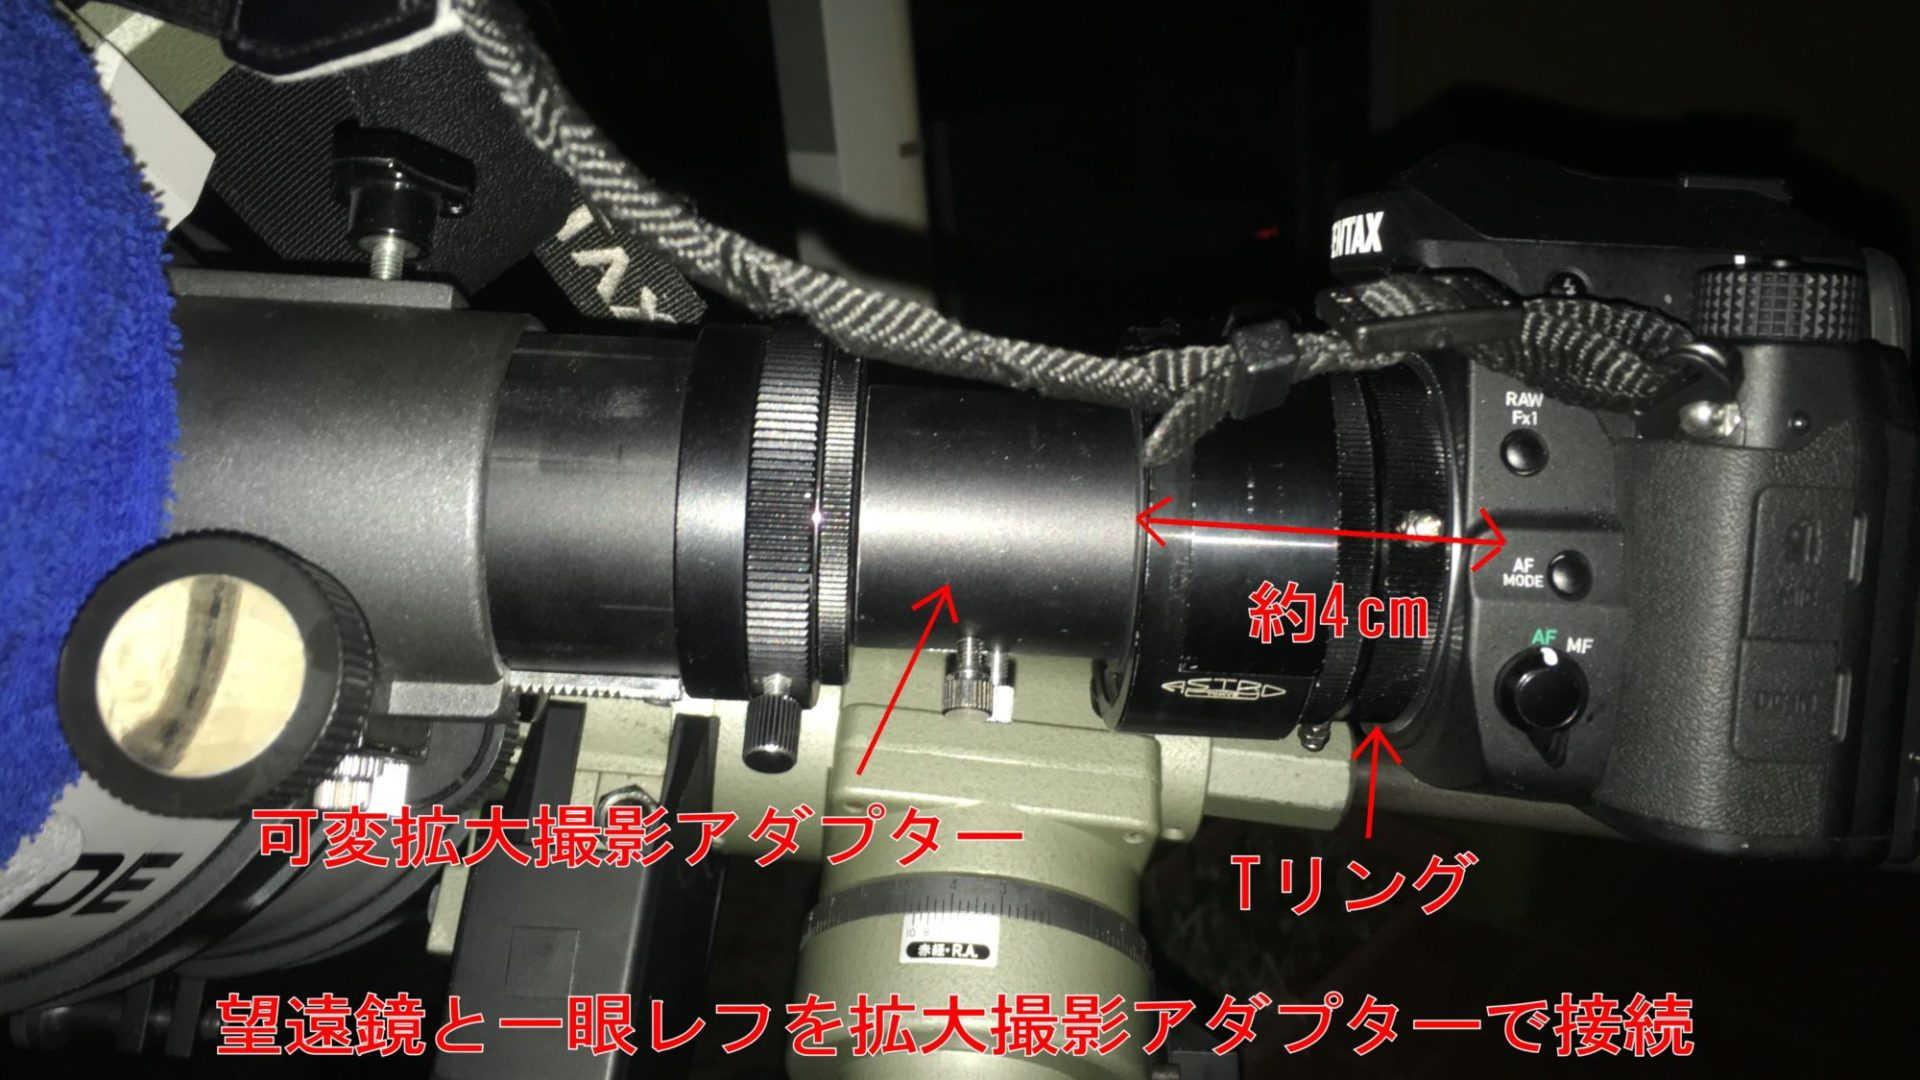 天体望遠鏡と一眼レフカメラを可変拡大撮影アダプターで接続した状態です。